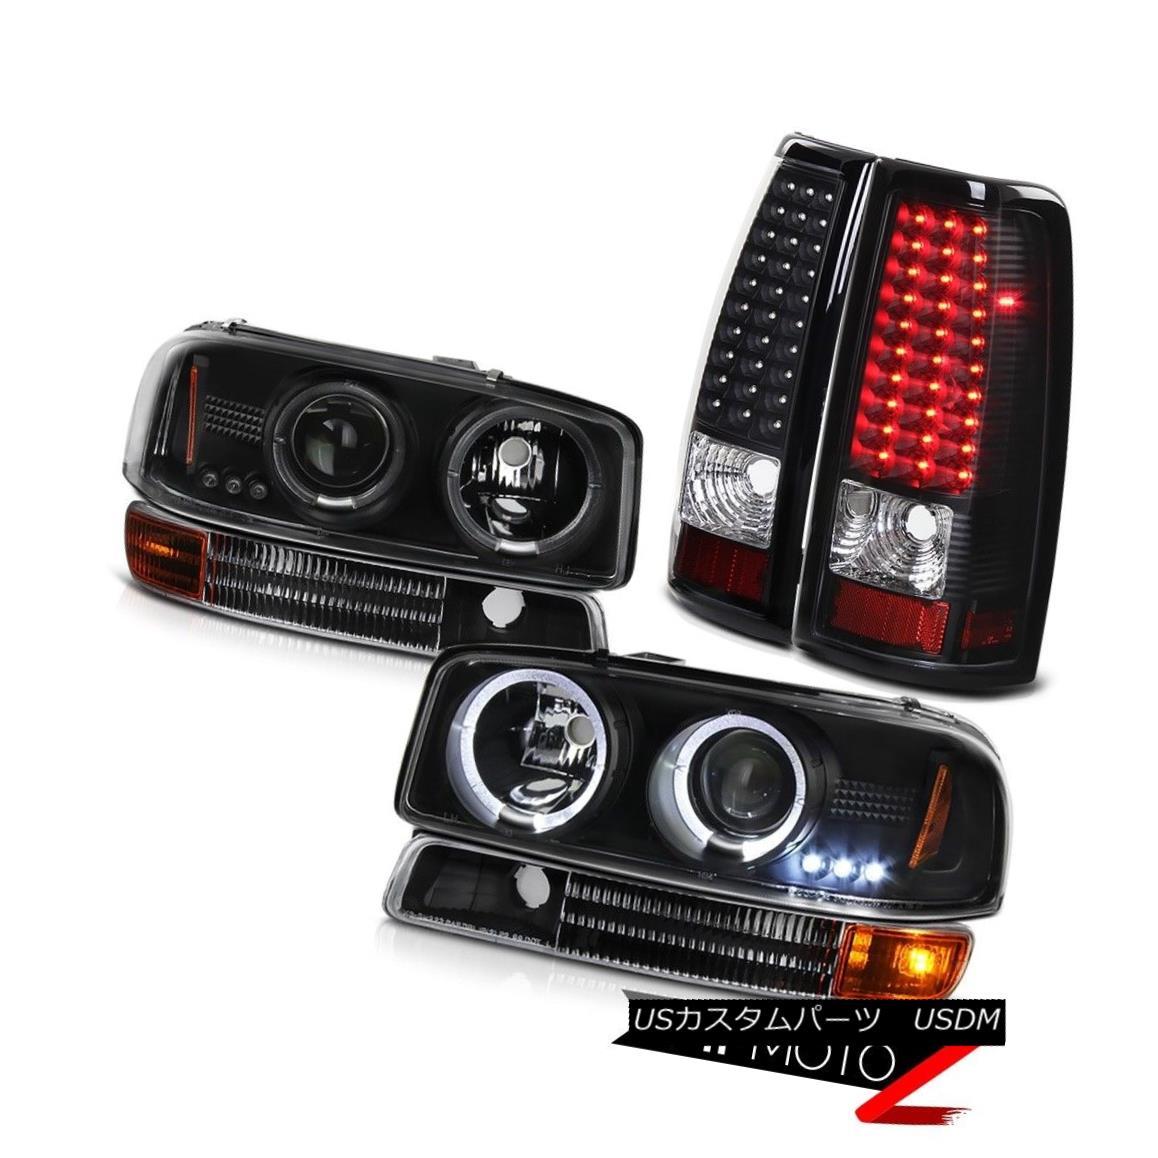 ヘッドライト 1999-2003 Sierra 5.3L V8 Halo LED Projector Headlight Black SMD Brake Tail Light 1999-2003シエラ5.3L V8ハローLEDプロジェクターヘッドライトブラックSMDブレーキテールライト